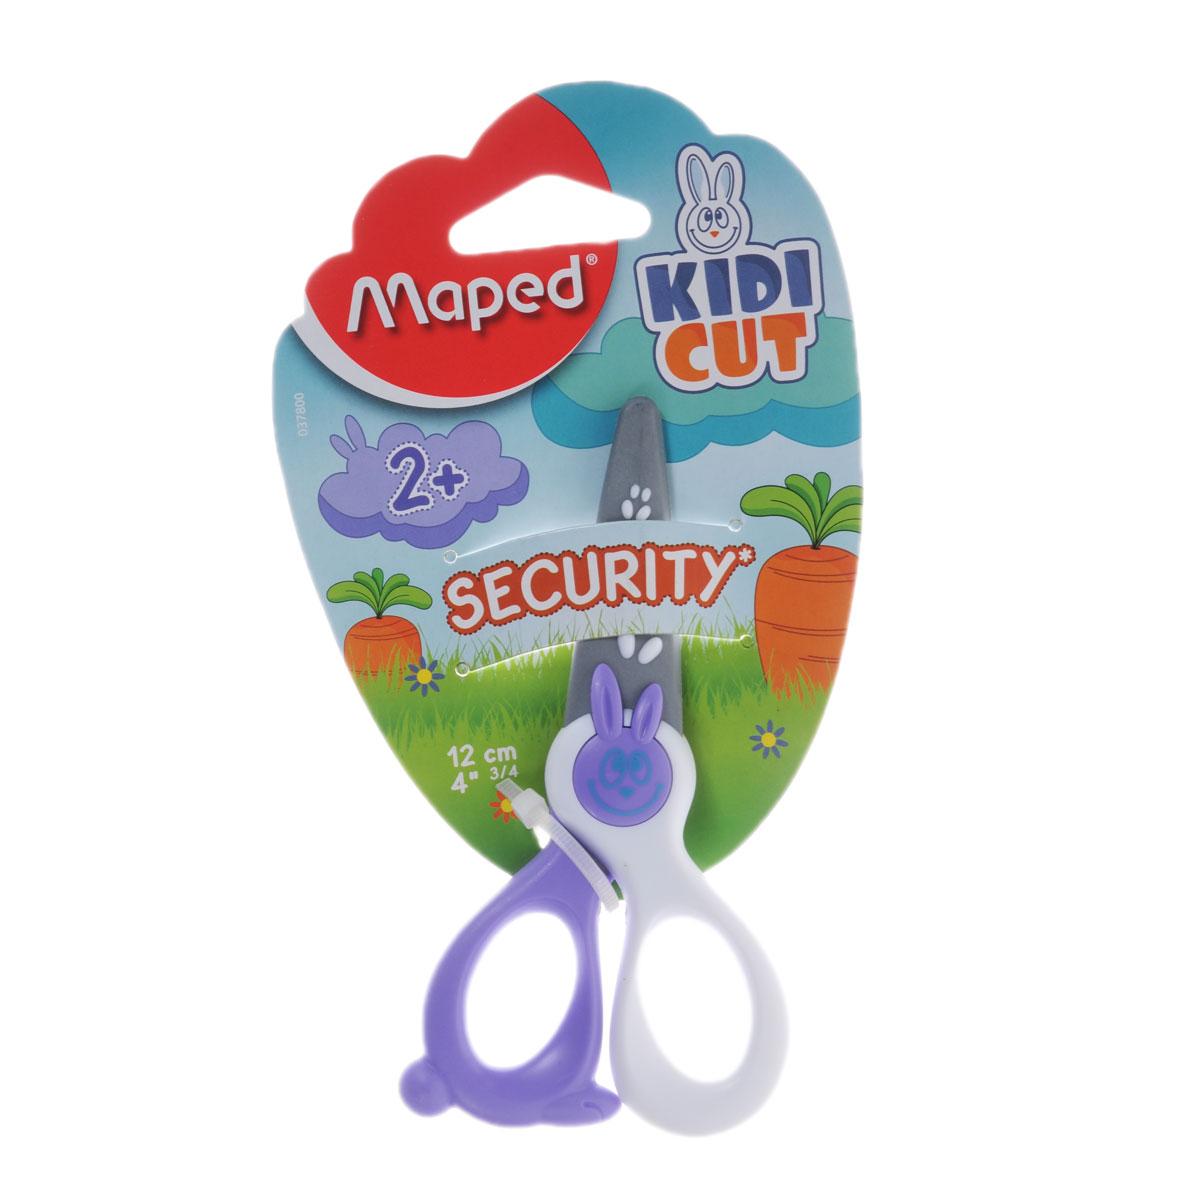 Ножницы детские Maped Security, цвет: сиреневый, белый, 12 см037800Детские ножницы Maped Security с закругленными концами имеют специальные лезвия из фибергласа, которые режут бумагу, но не повредят кожу ребенка, волосы или одежду. Идеальны для обучения обращению с ножницами вашего малыша.Рекомендуемый возраст: от 2 лет.